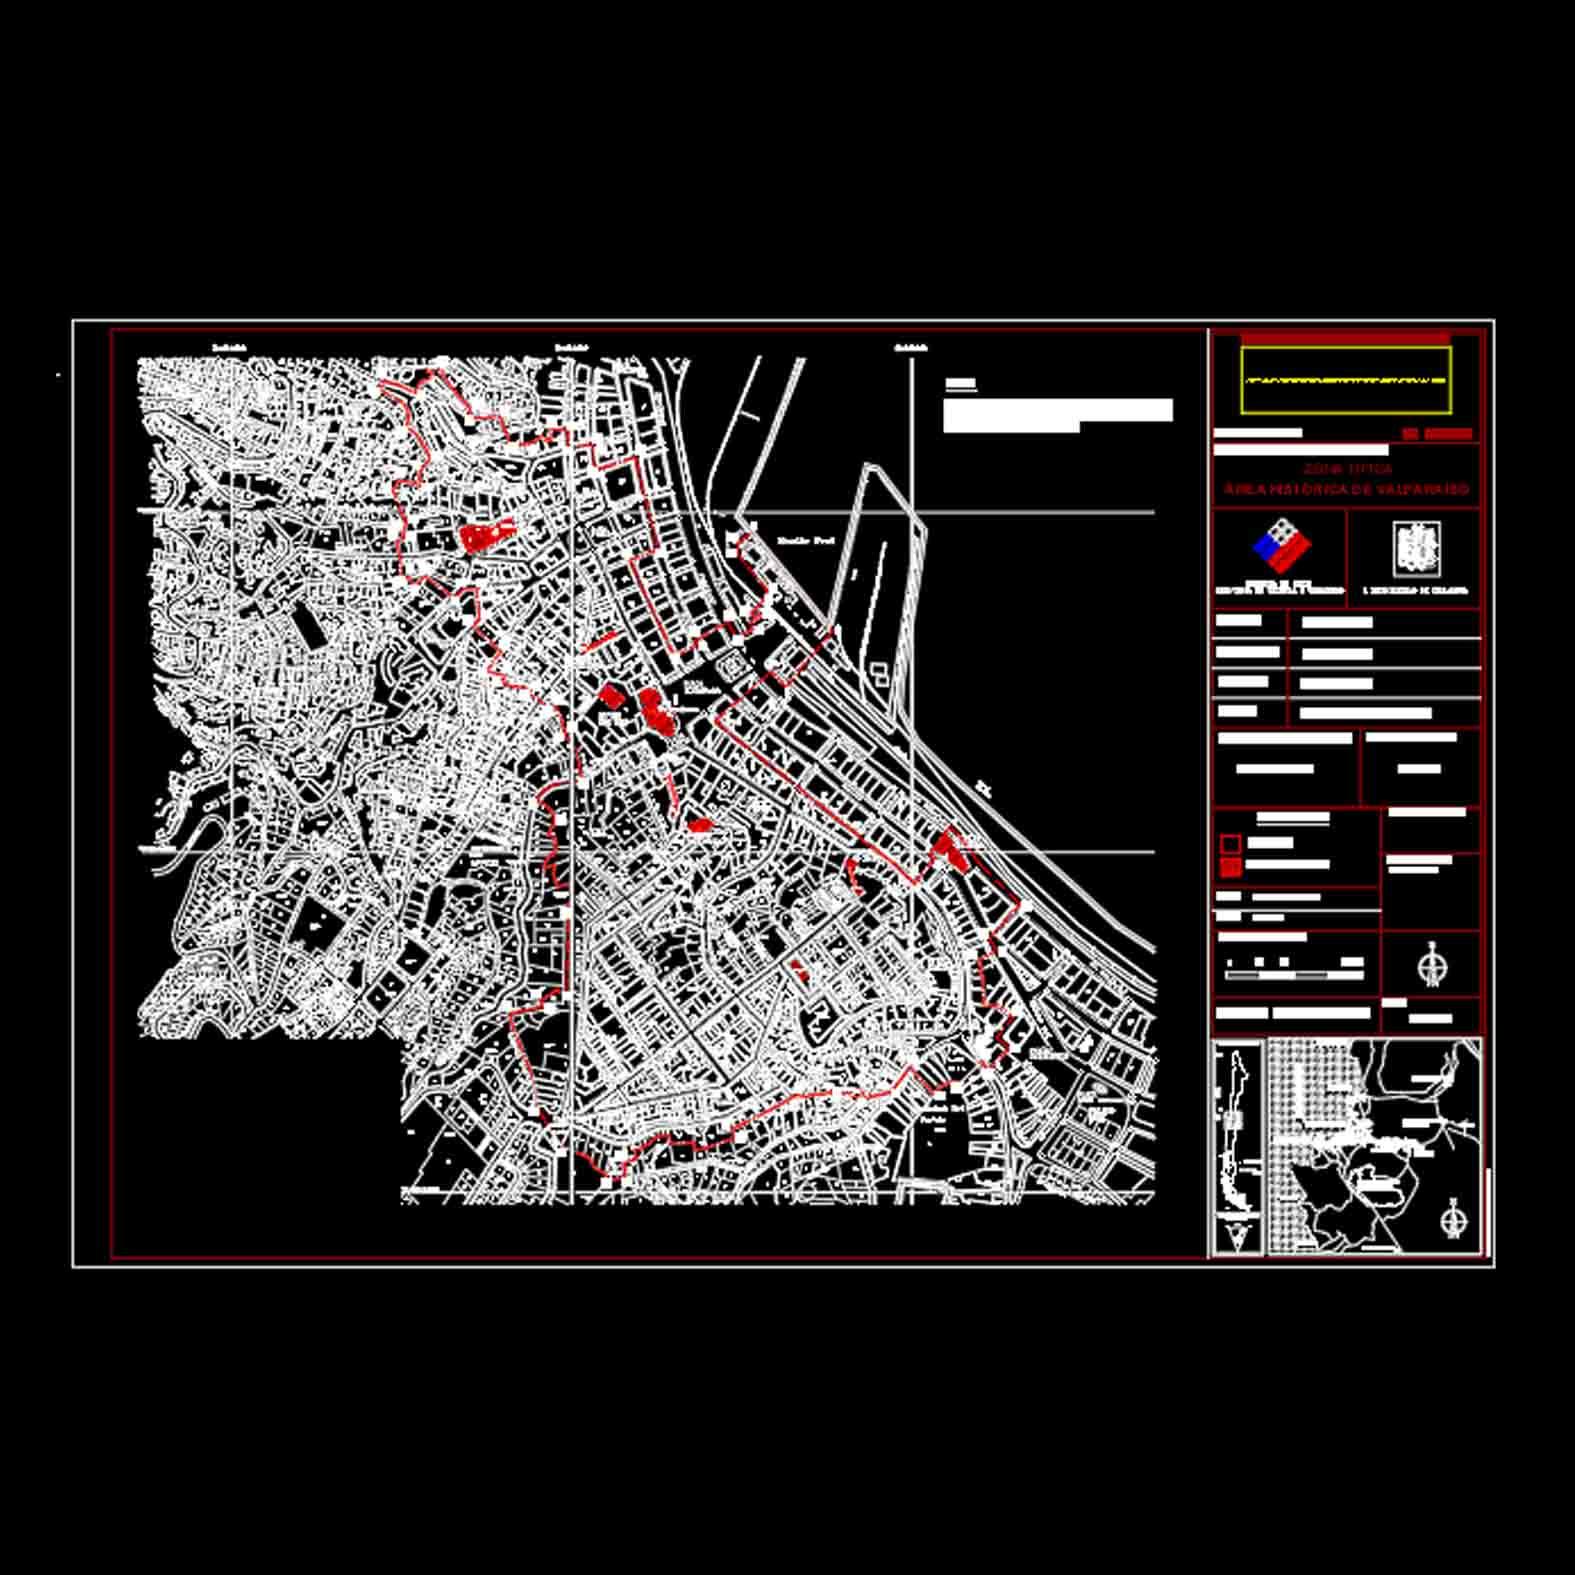 Plano: Área Histórica de Valparaíso / Zona Típica